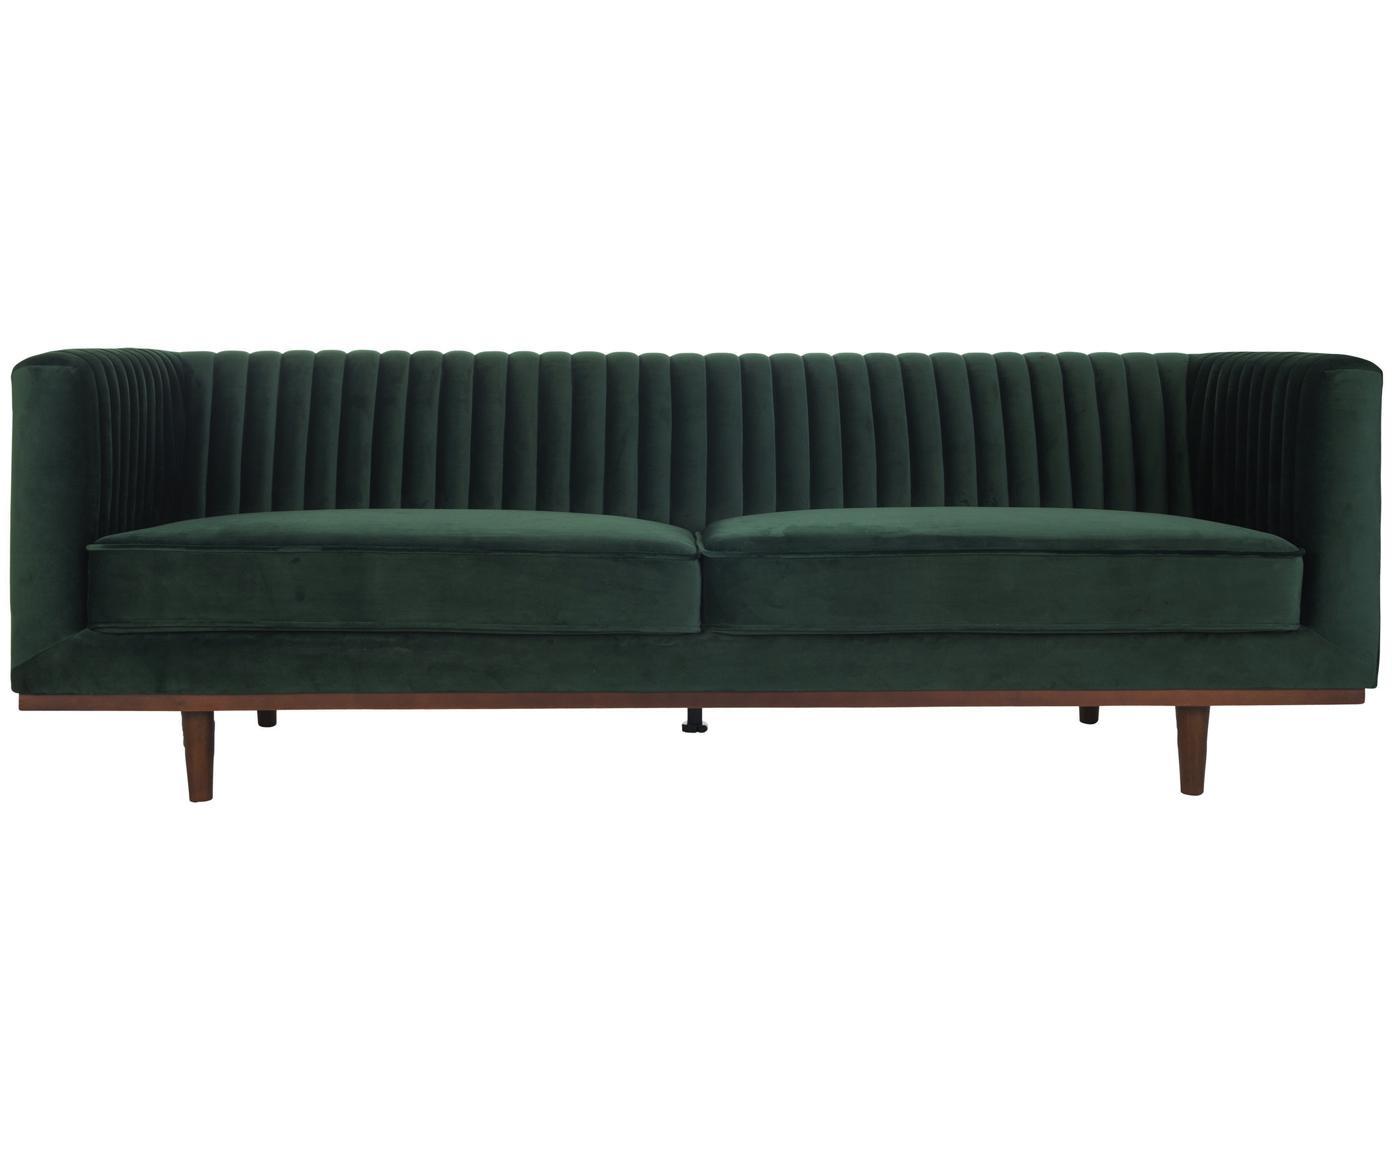 Divano 3 posti in velluto verde scuro Dante, Rivestimento: velluto di poliestere, Struttura: legno di caucciù, laccato, Velluto verde, Larg. 210 x Prof. 87 cm